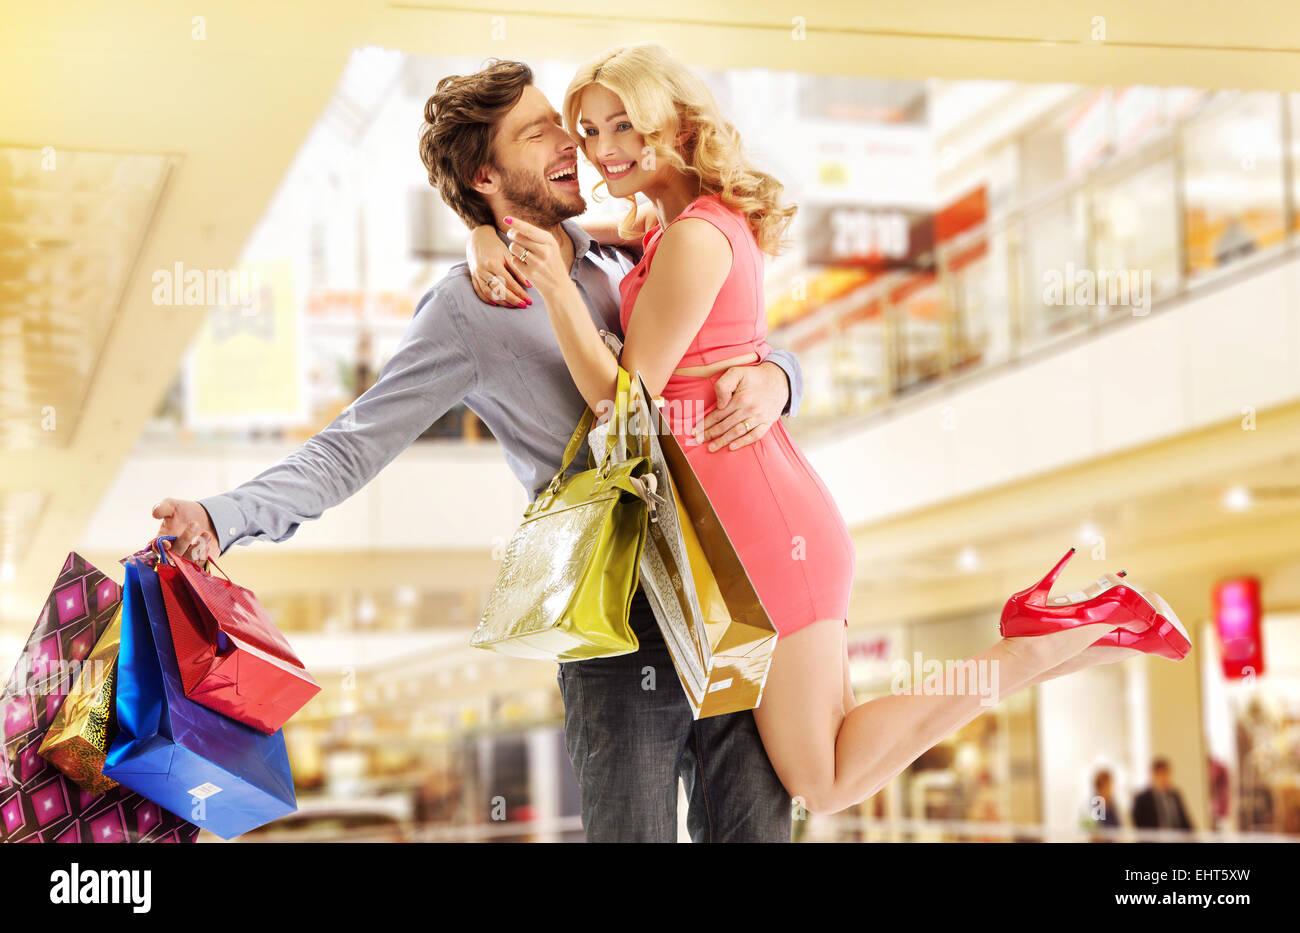 L'homme d'acheter tout pour son épouse bien-aimée Photo Stock